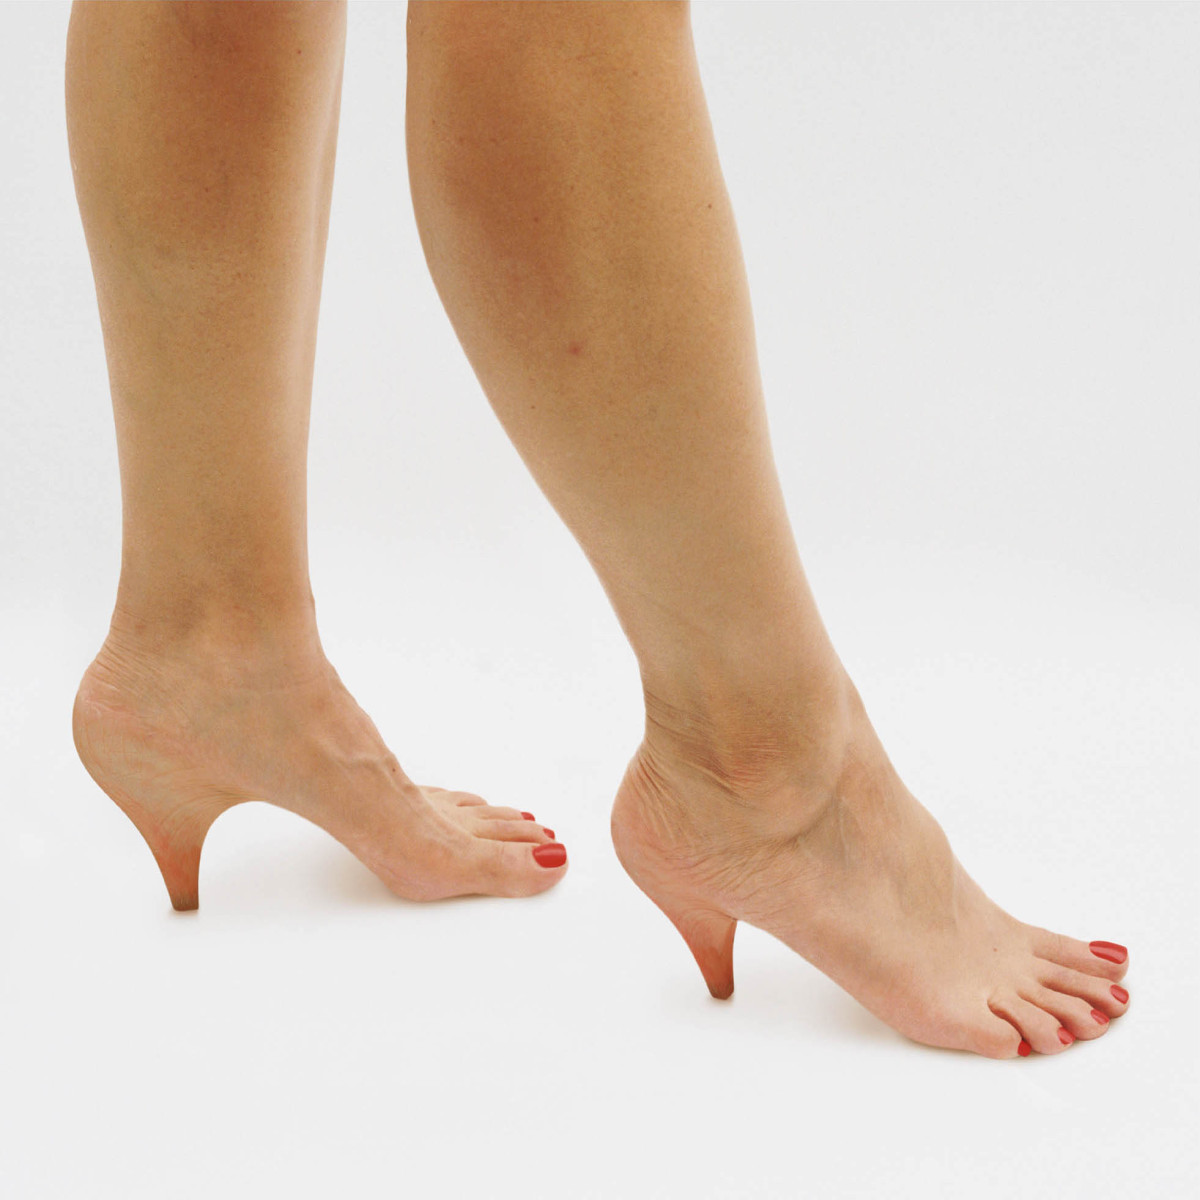 Как убрать шпору на ноге в домашних условиях фото